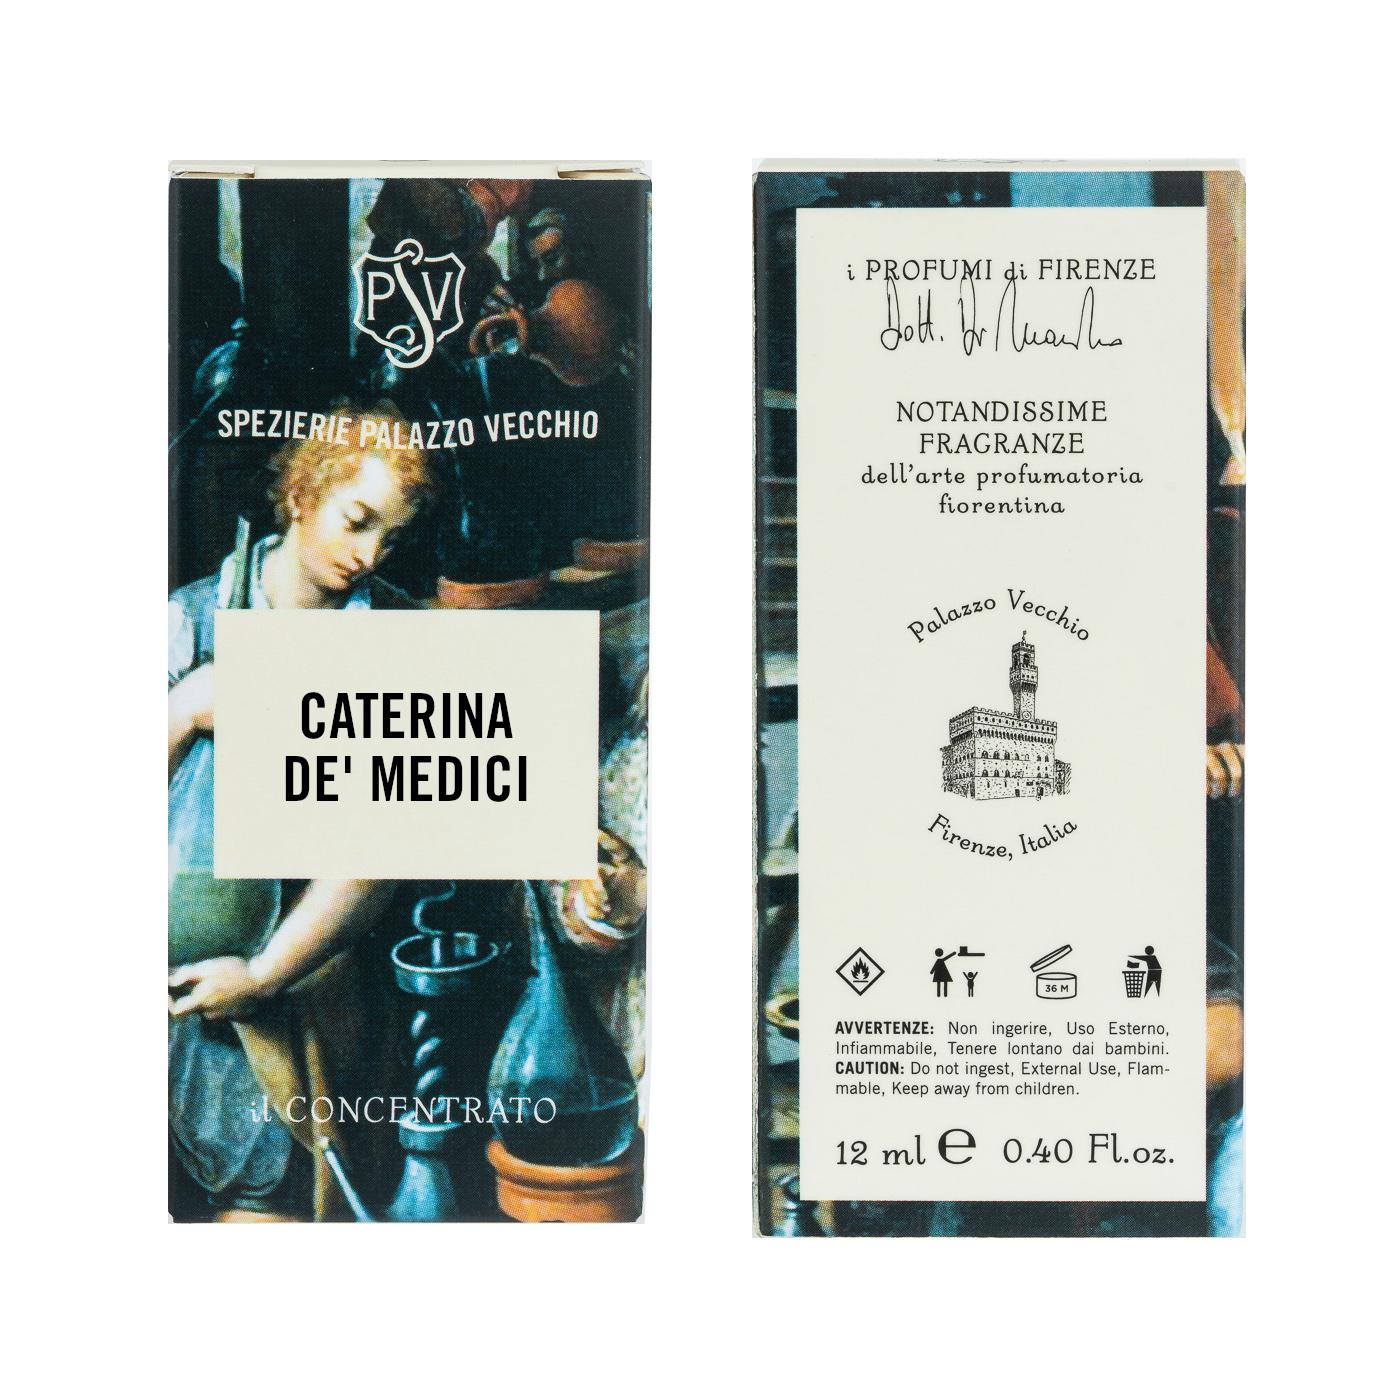 CATERINA DE' MEDICI - Il Concentrato-3896